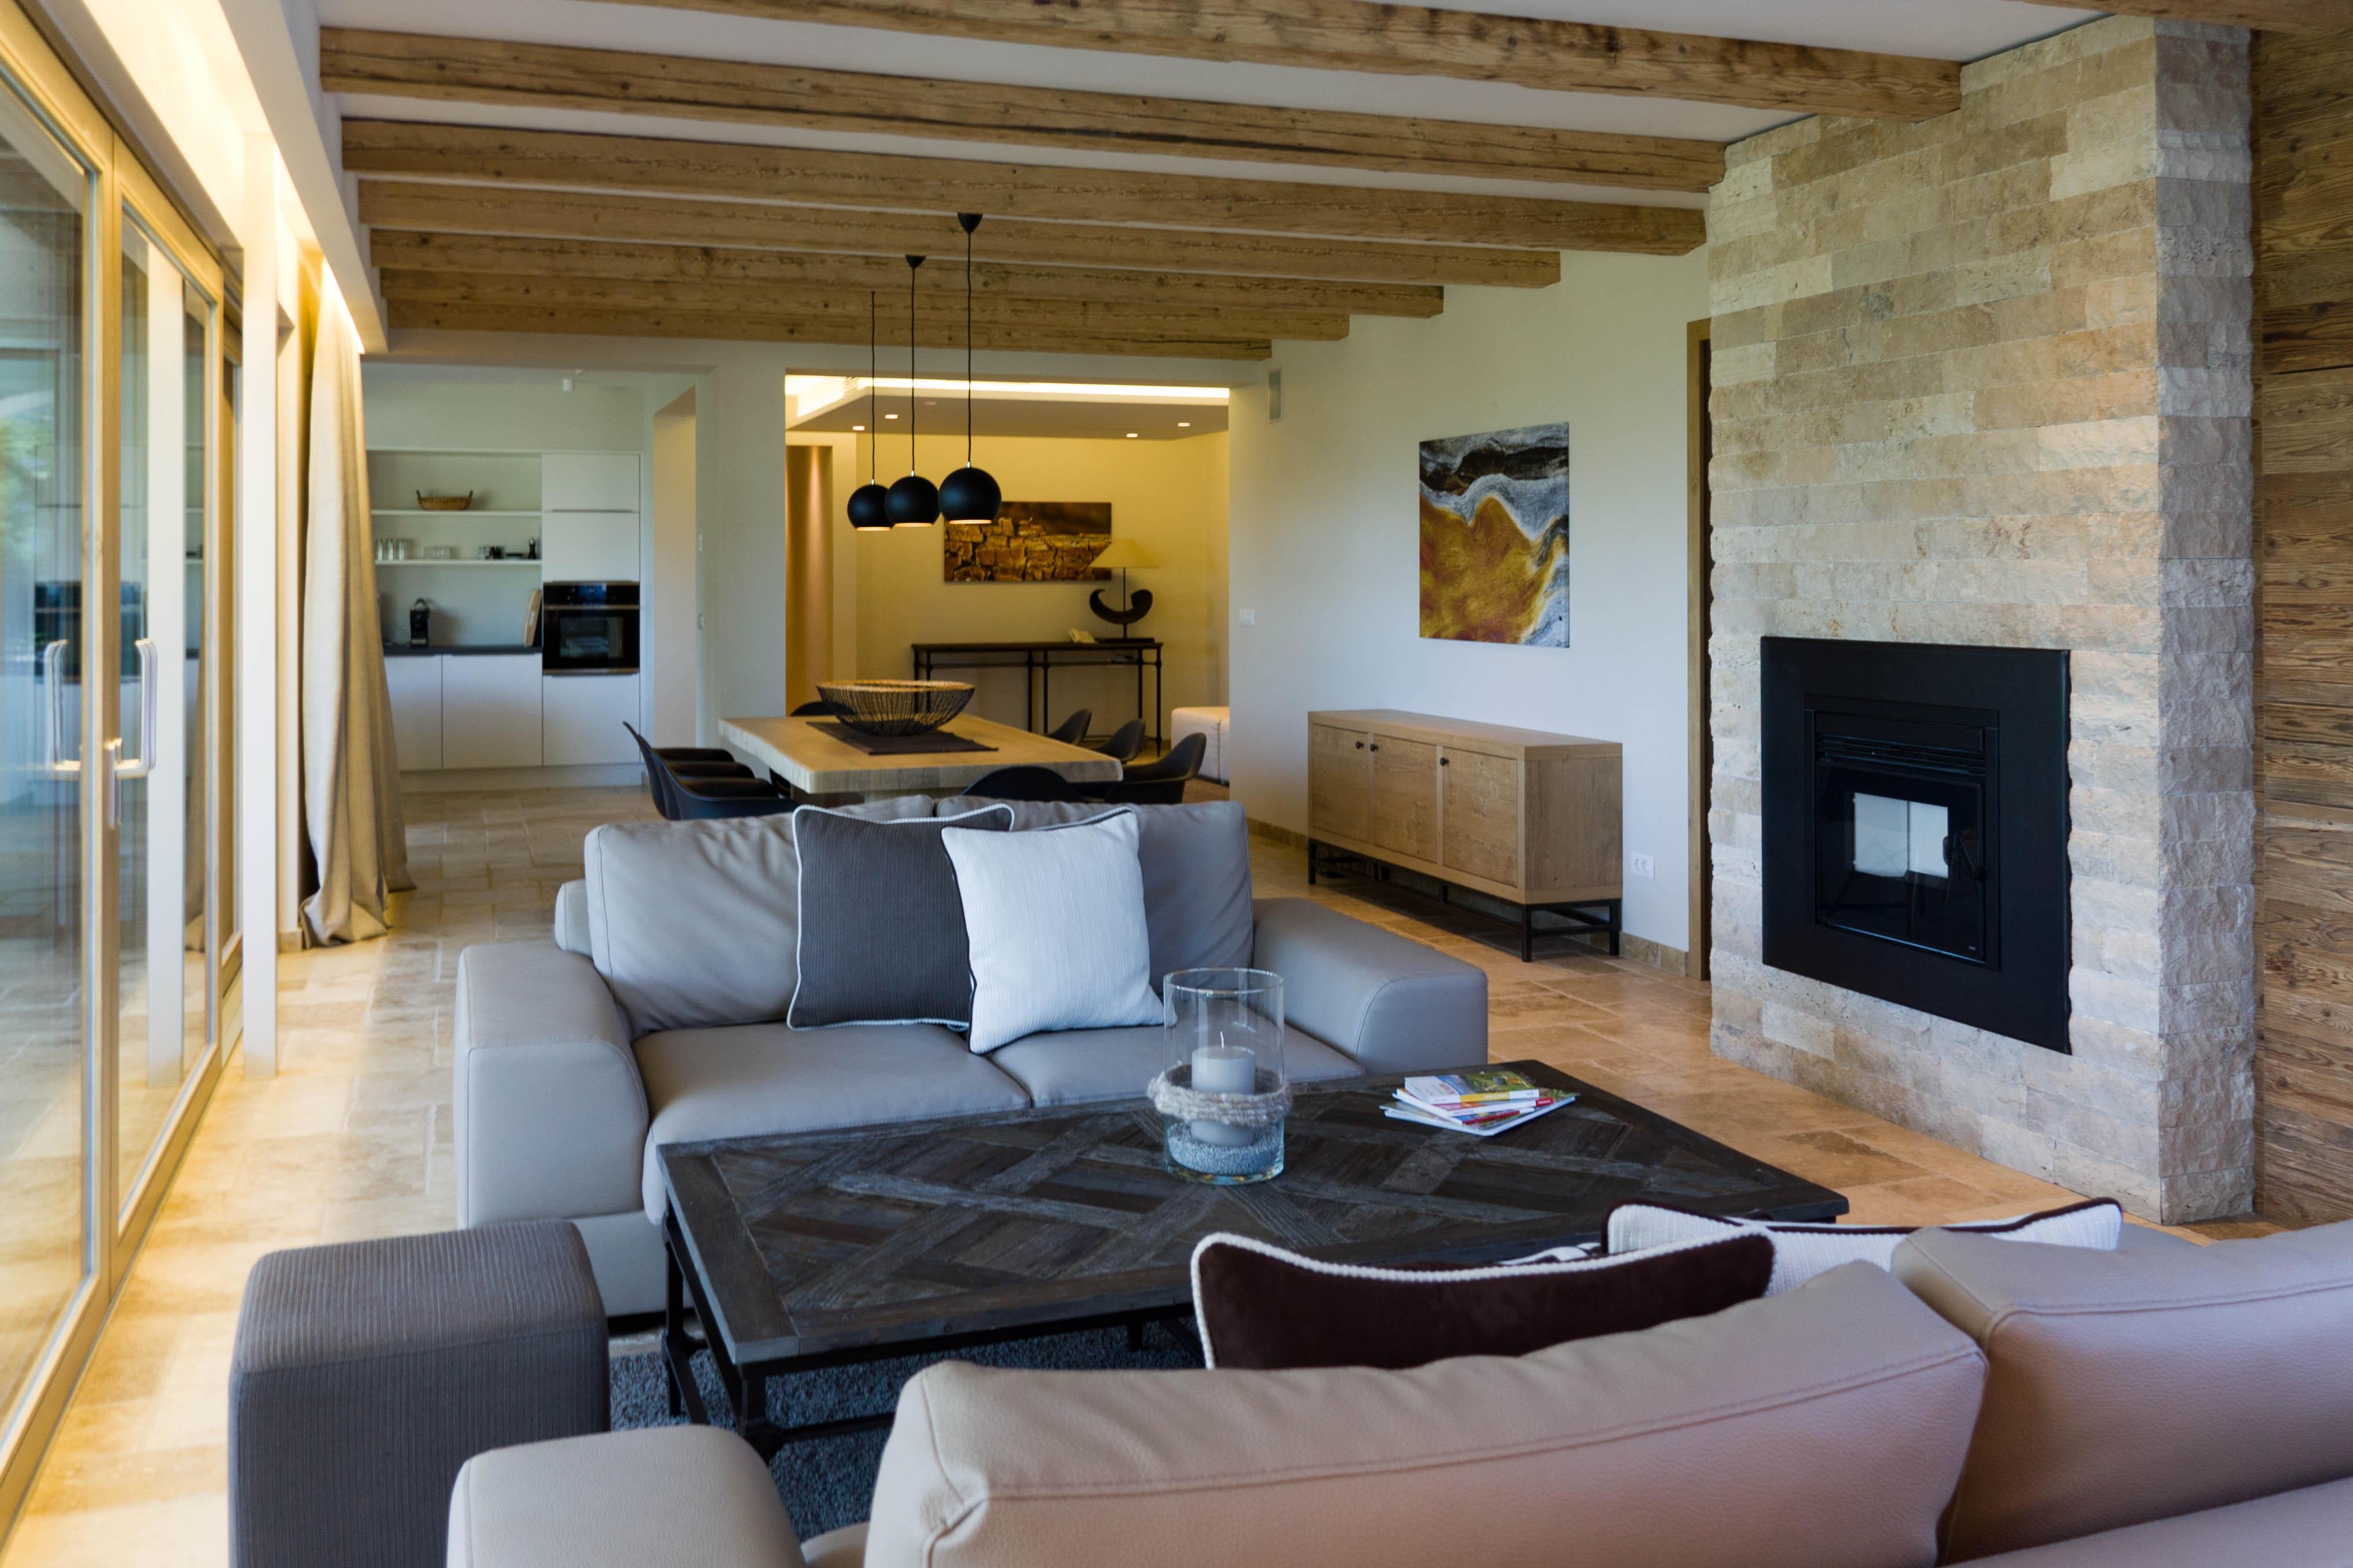 Camino in pietra per soggiorno ambienti realizzati con materiali naturali architettura di